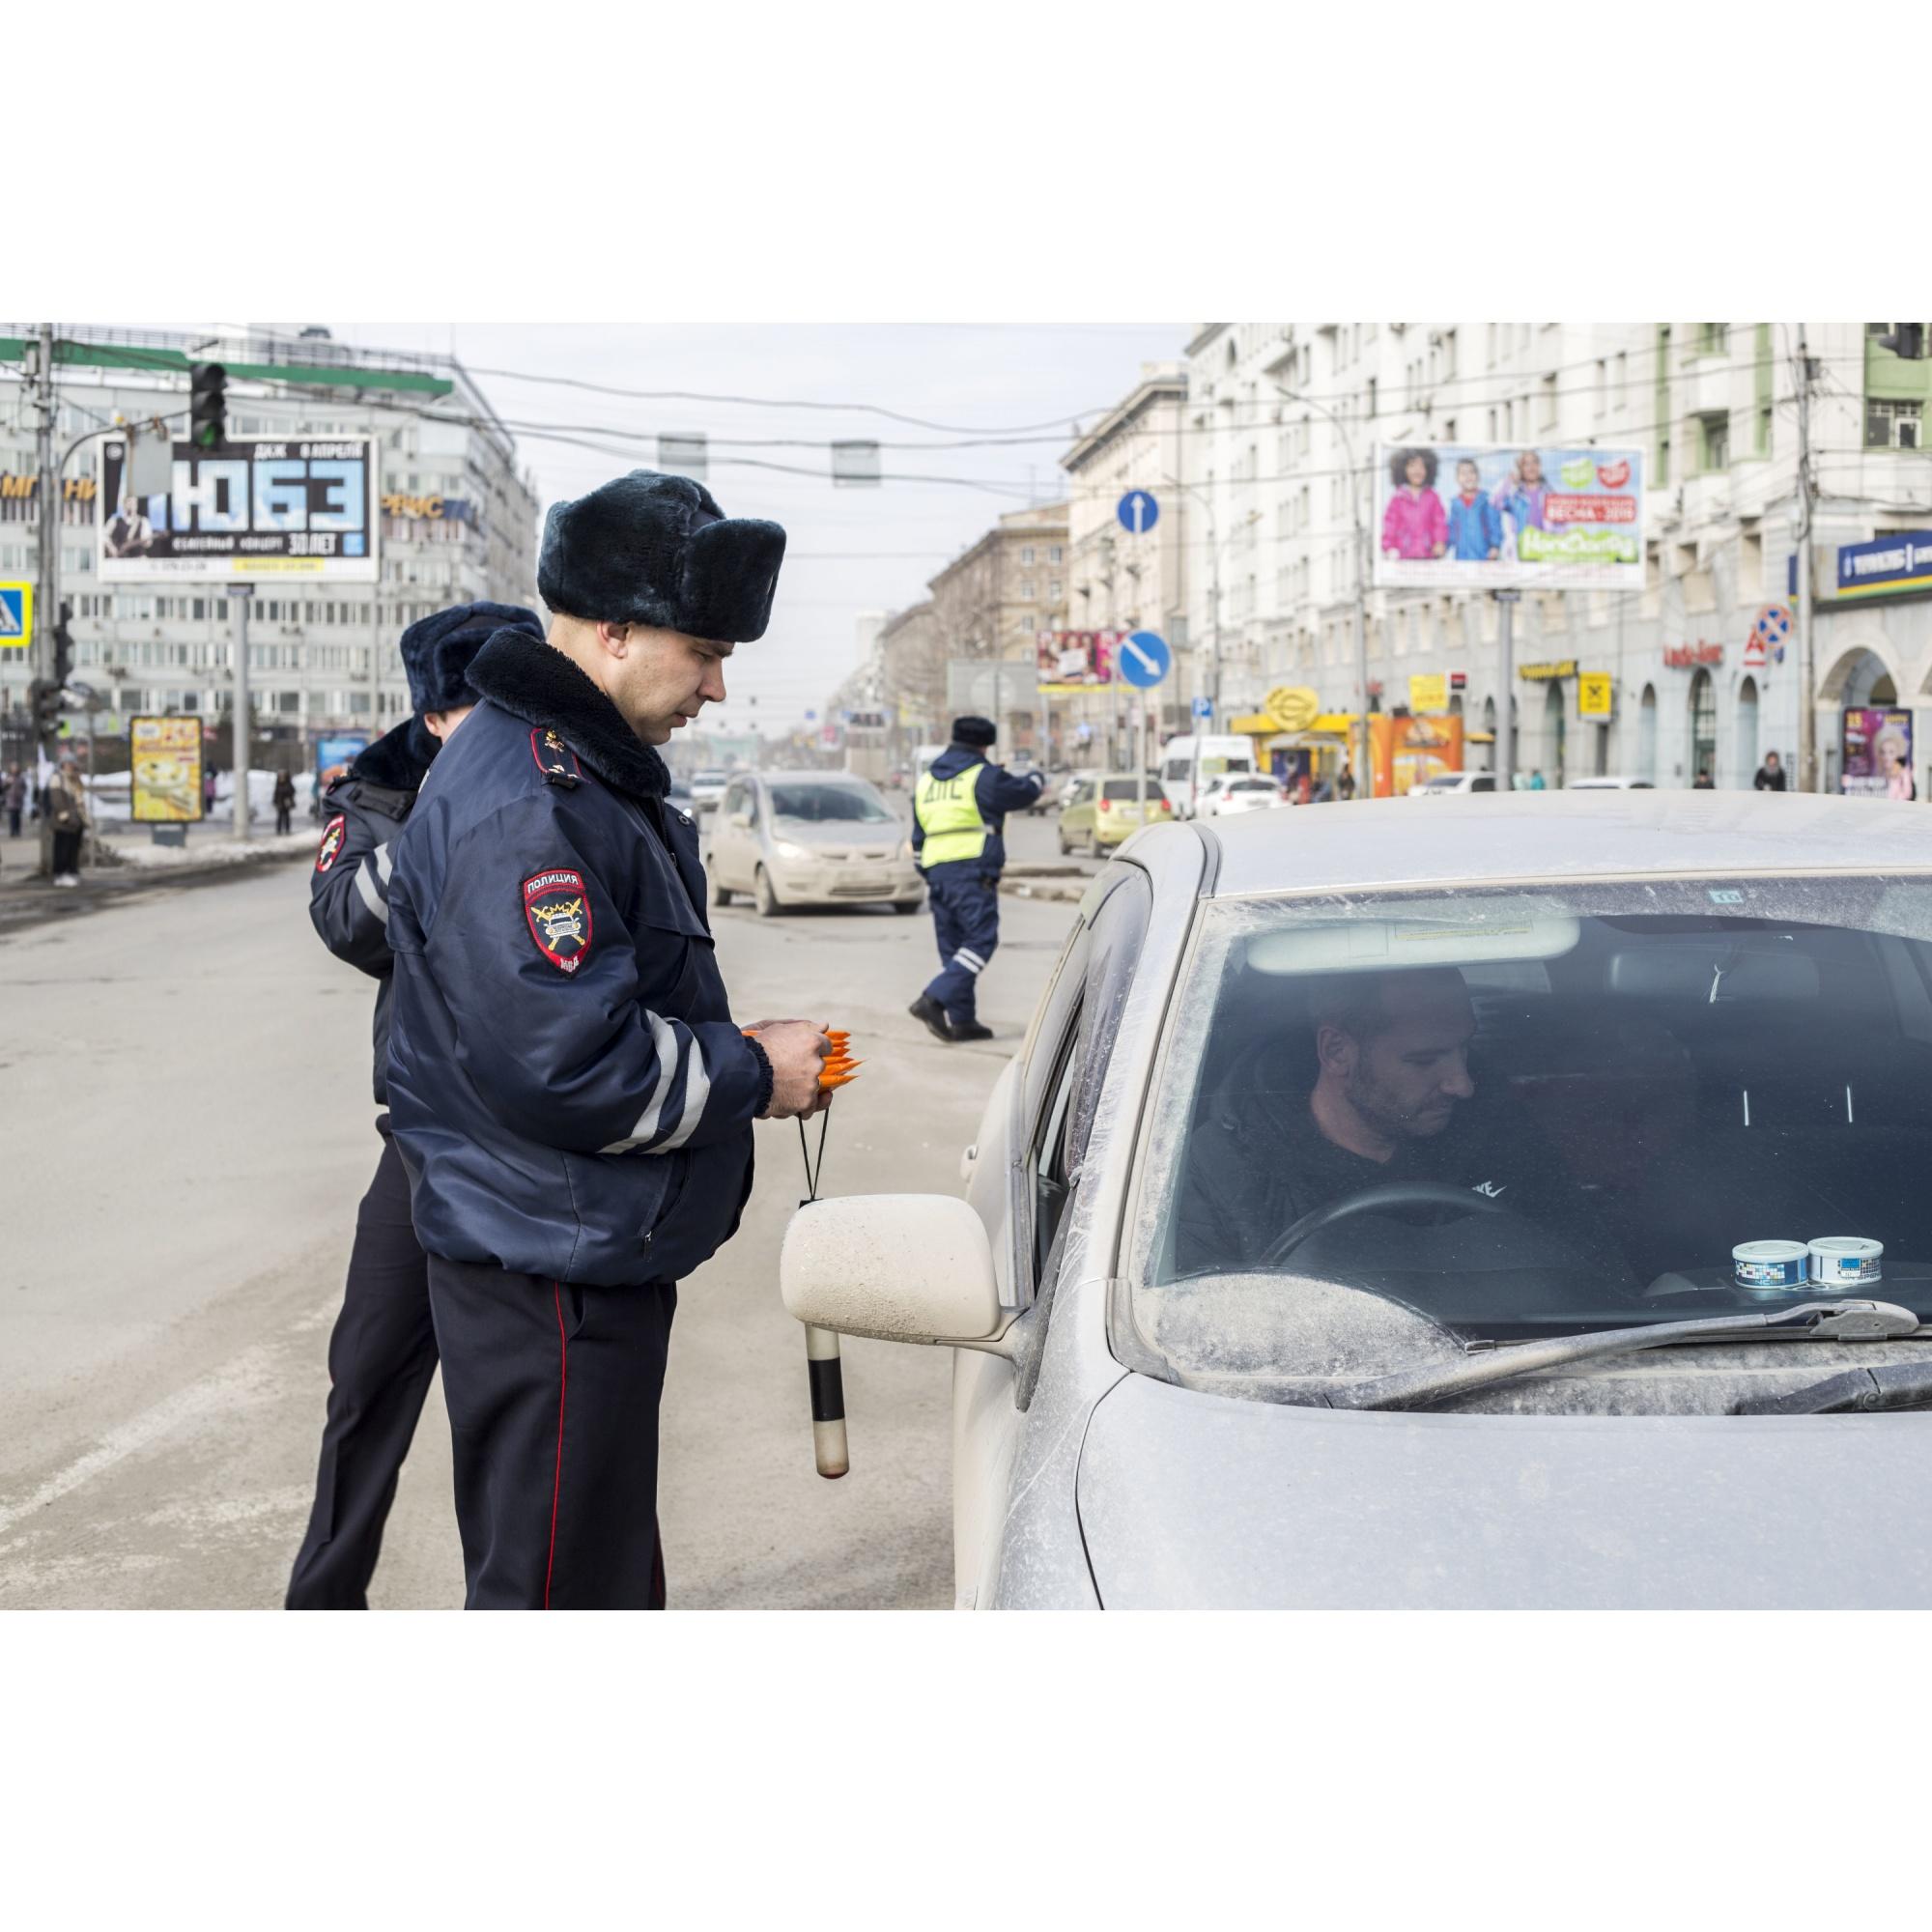 """Всю эту неделю — с 18 по 25 марта — инспекторы ГИБДД&nbsp;<a href=""""https://news.ngs.ru/more/66017458/"""" class=""""_"""" target=""""_blank"""">проводят в Новосибирске рейды</a> против тонировки на машинах и нечитаемых госномеров<br>"""